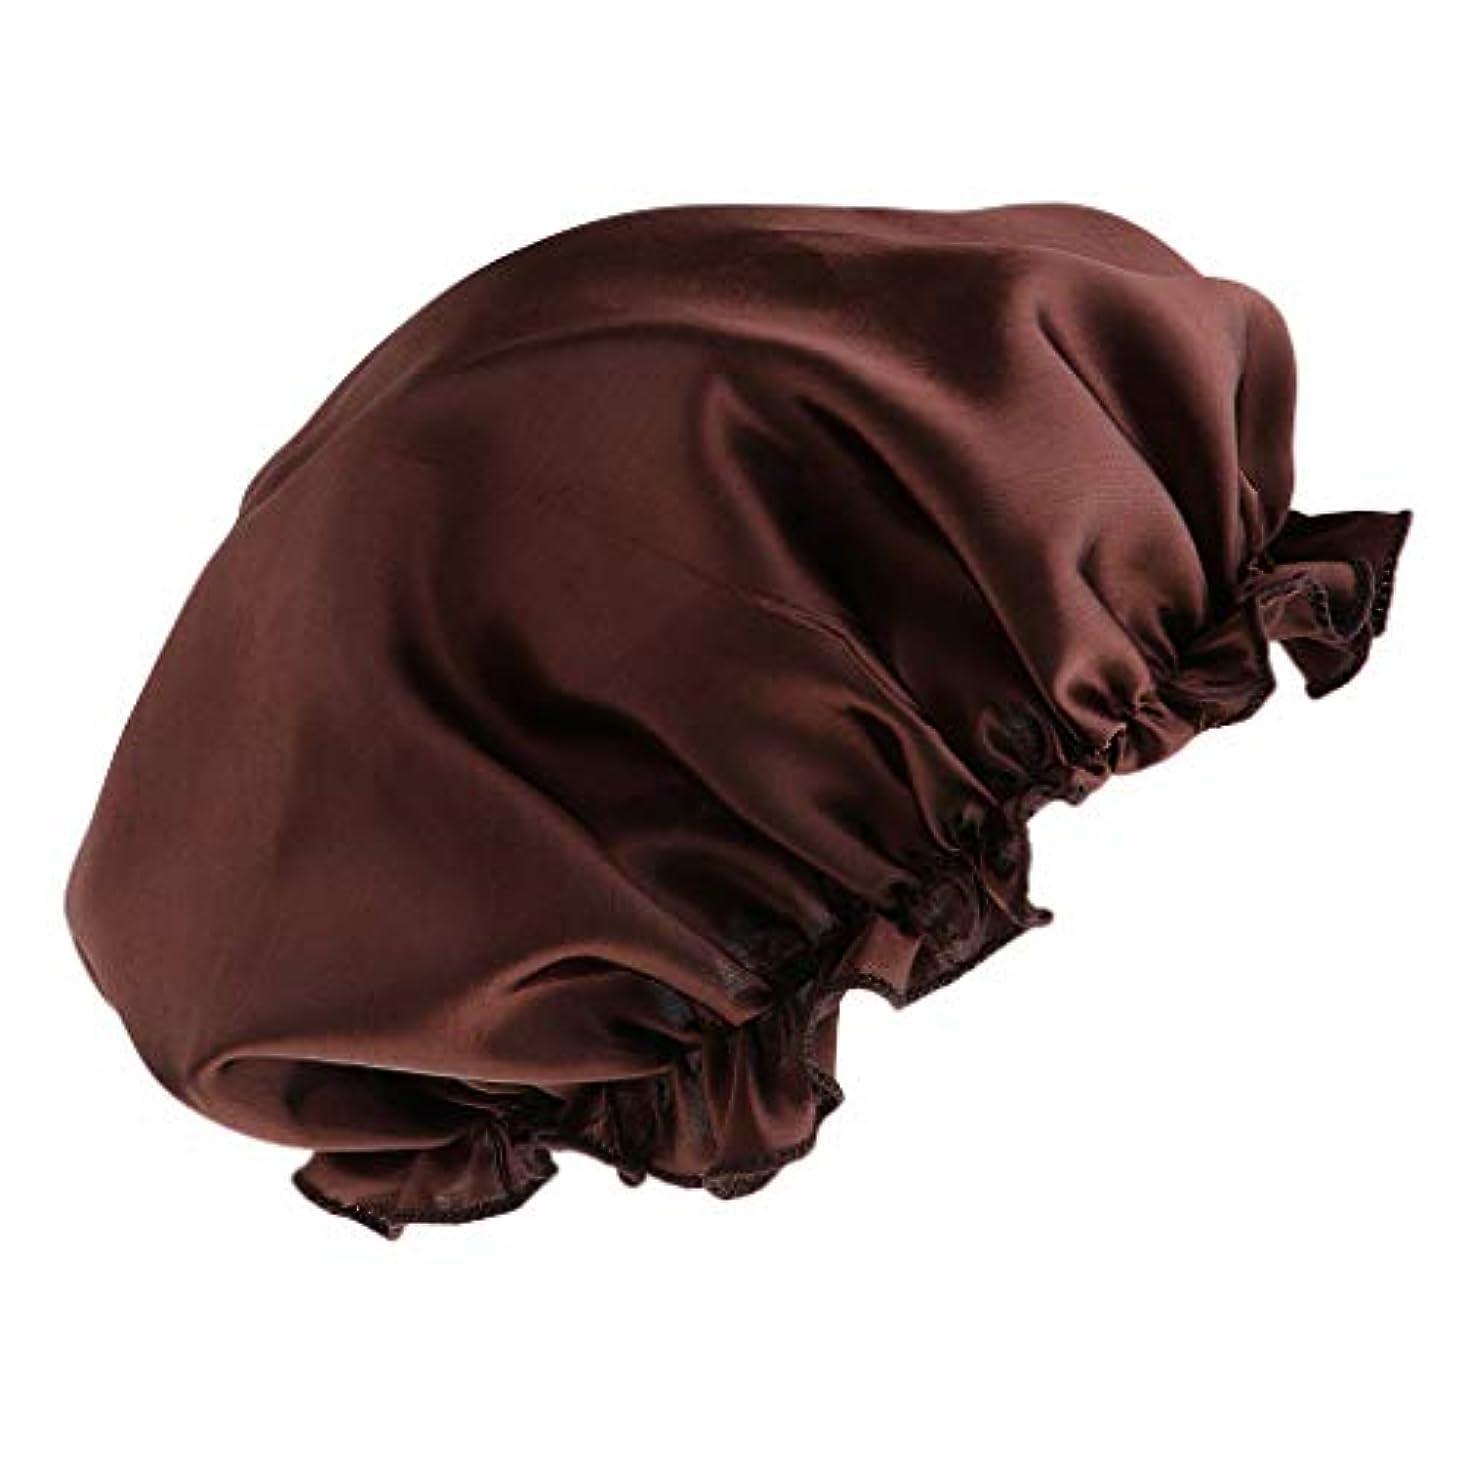 余韻瞑想写真を描くFLAMEER シャワーキャップ シルクサテンキャップ シルクサテン帽子 美容ヘッドカバー 浴用帽子 全8色 - コーヒー